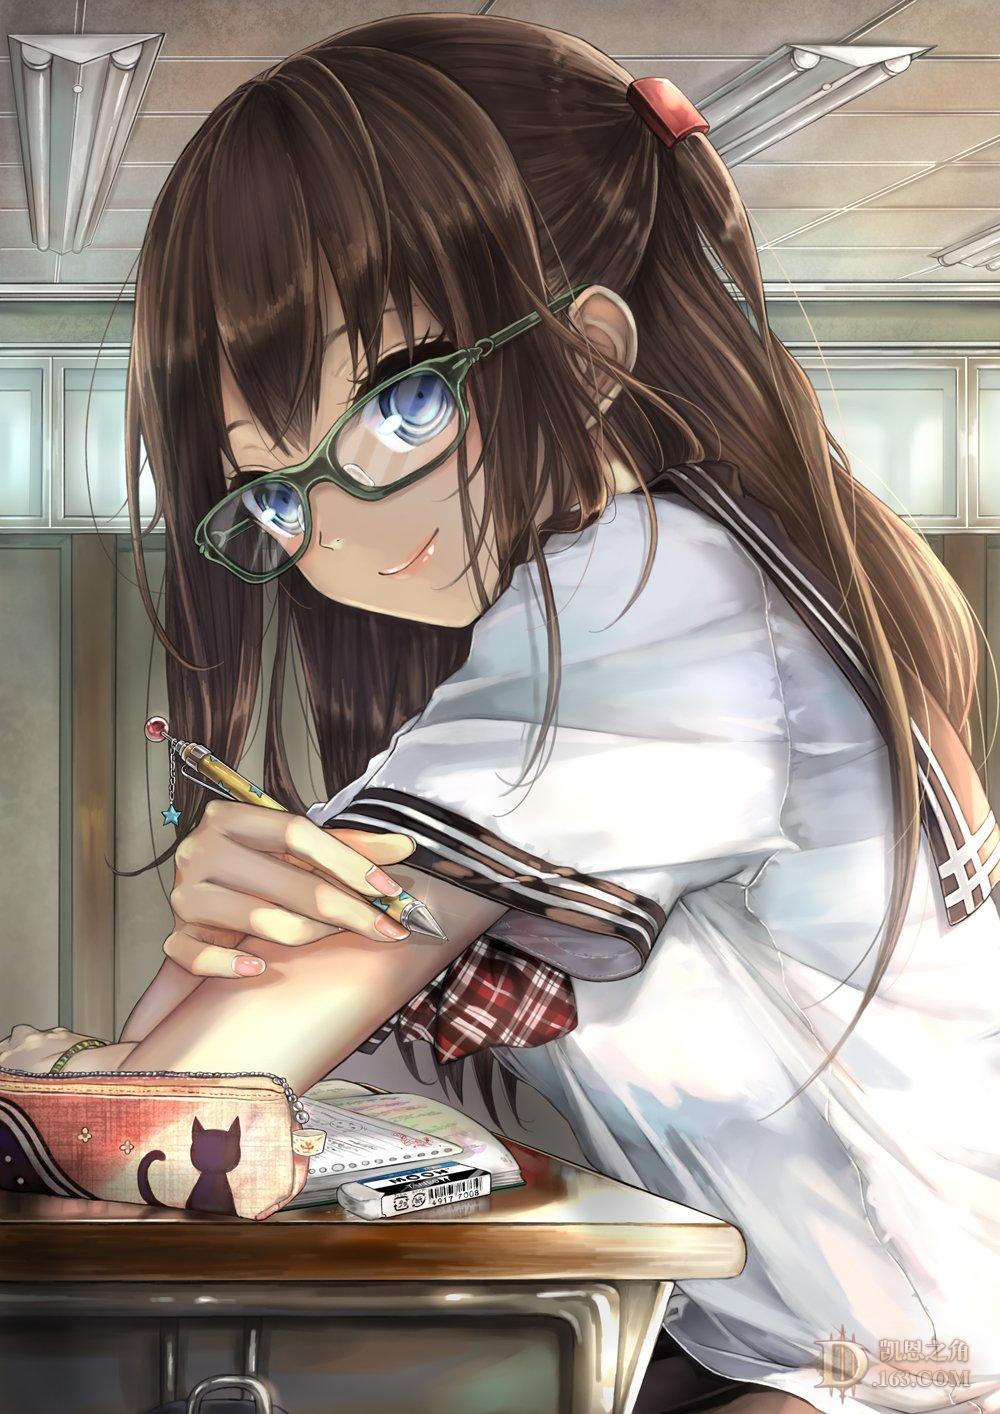 bmk_10450-37486037_p0-tags_C84,制服,メガネ,オリジナル,なにこれかわいい,女の子,セ.jpg